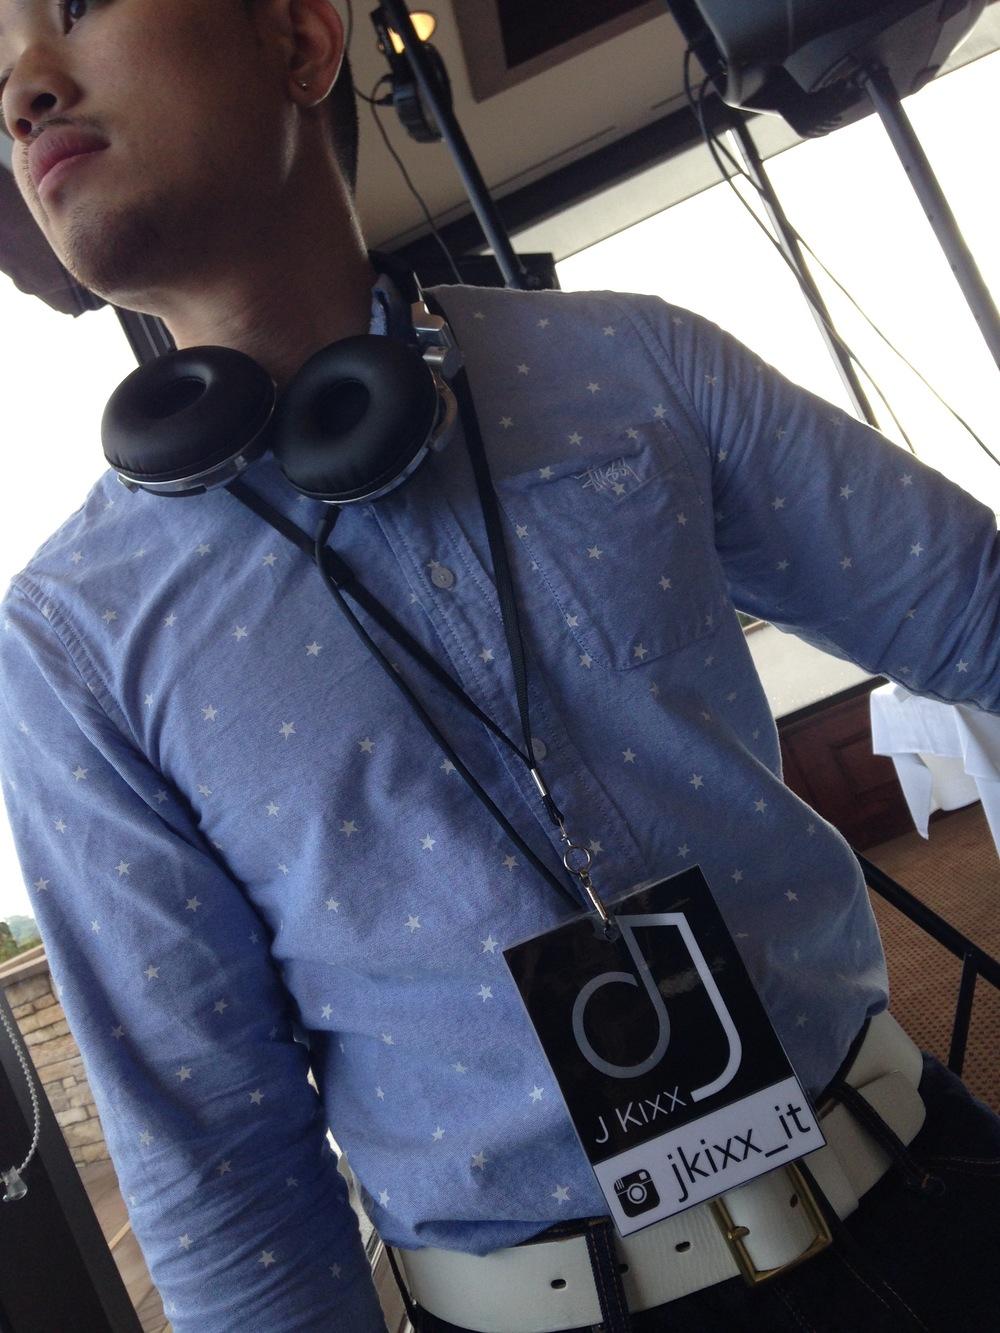 solo_DJpic_kimmie1.jpg